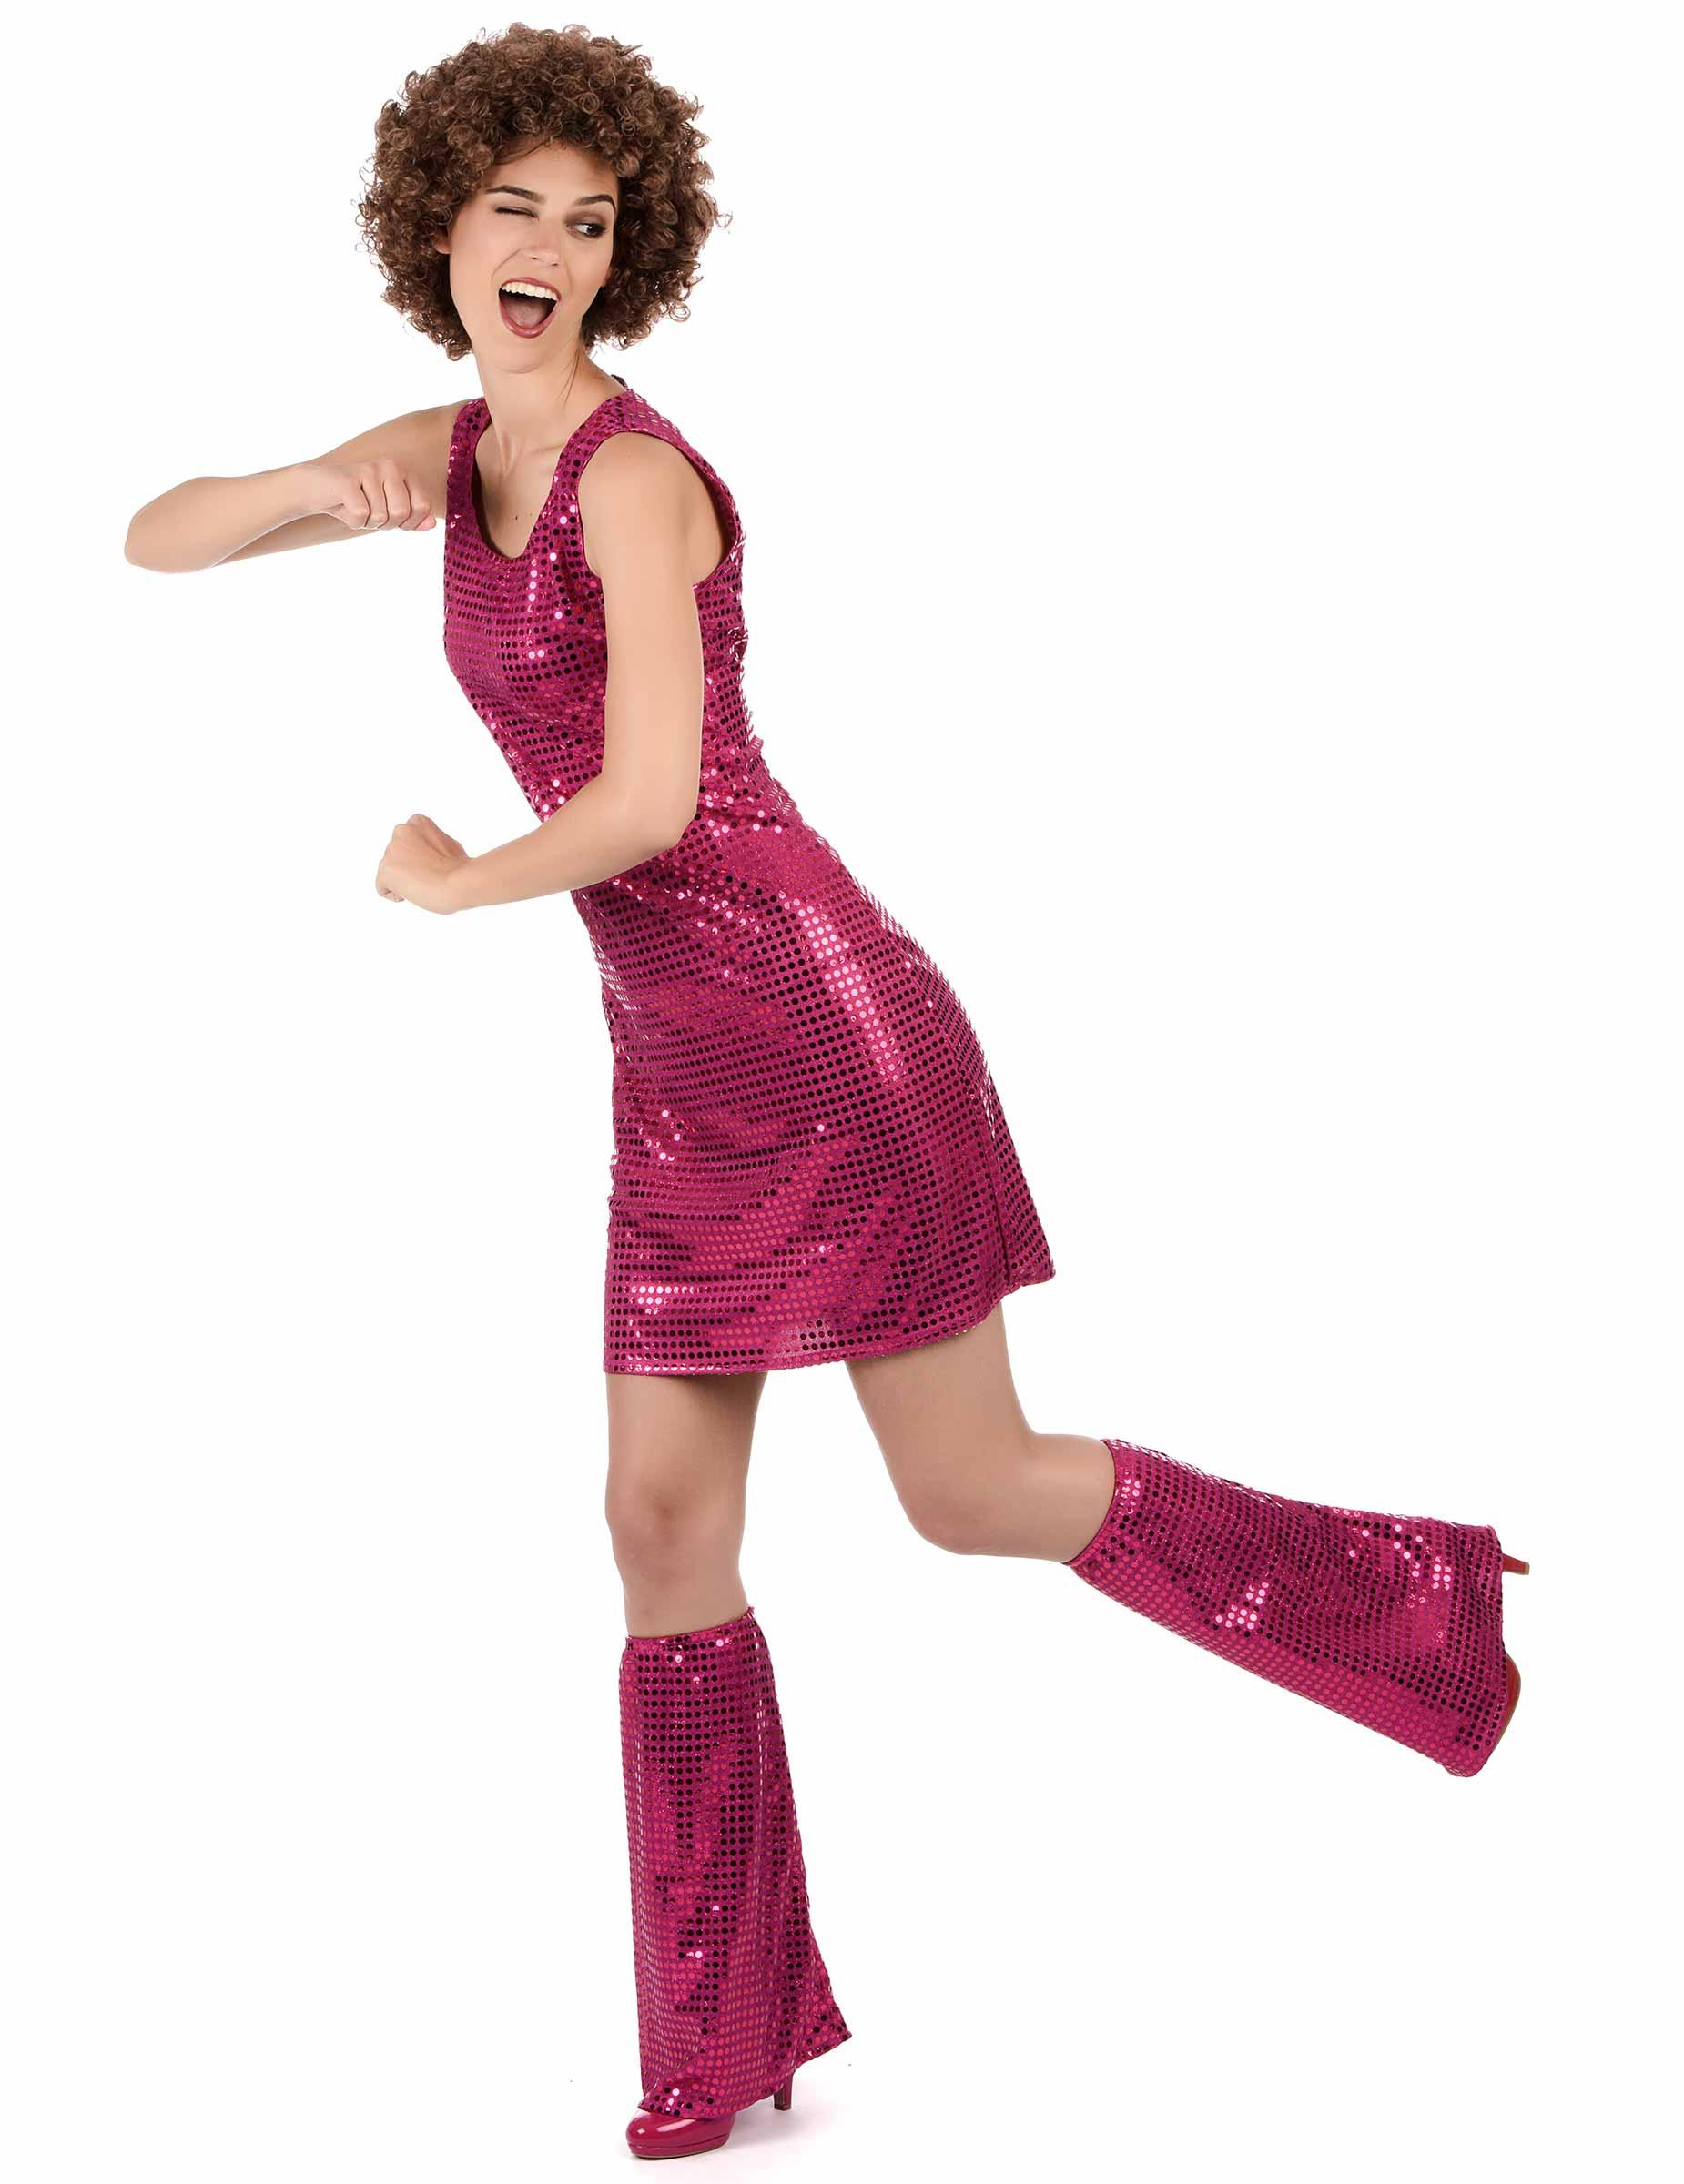 Roze Carnavalskleding Dames.Fuchsia Roze Disco Jurk Voor Dames Volwassenen Kostuums En Goedkope